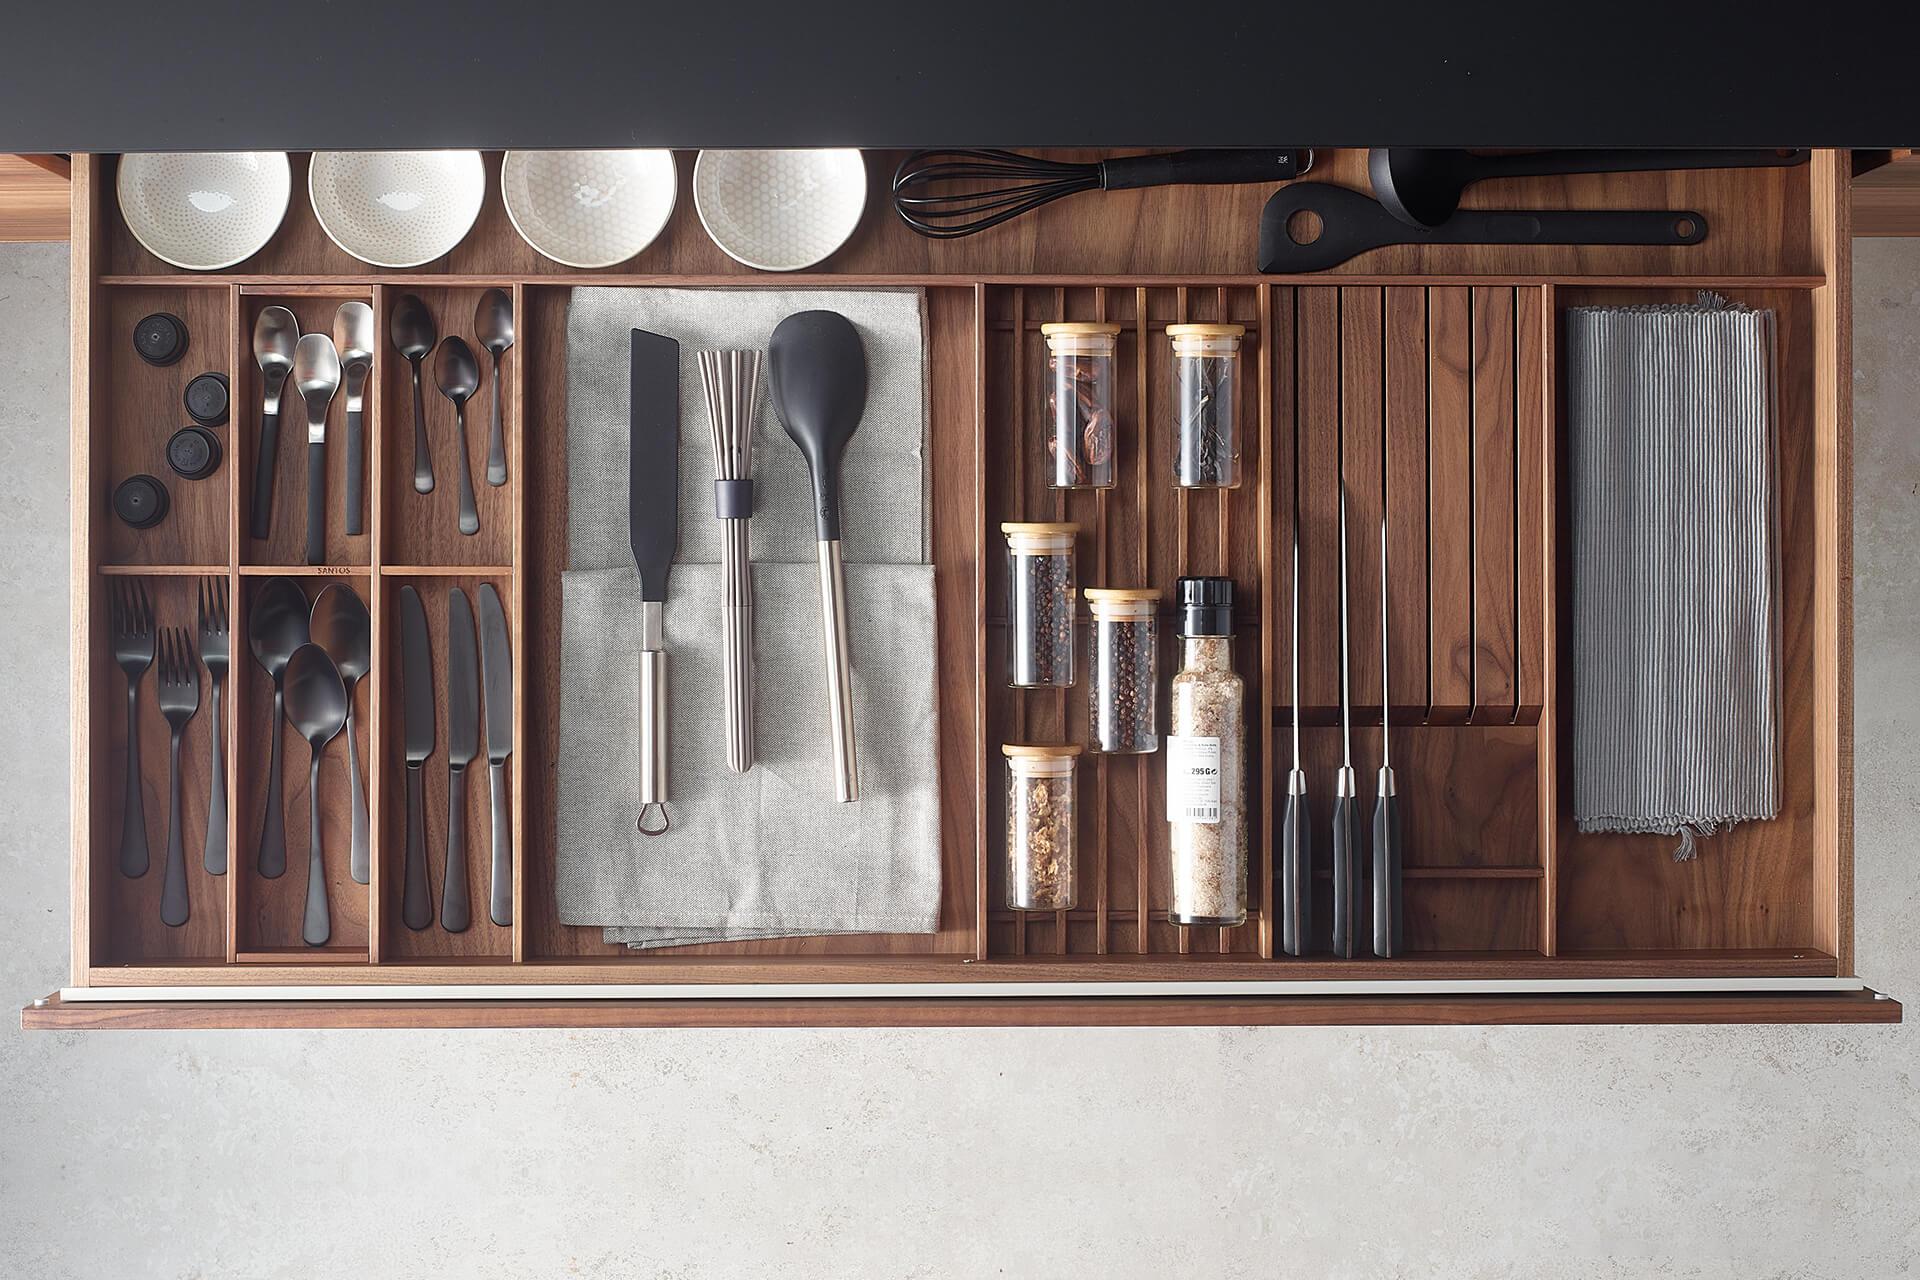 accesorios-interior-cajones-cocina-santos